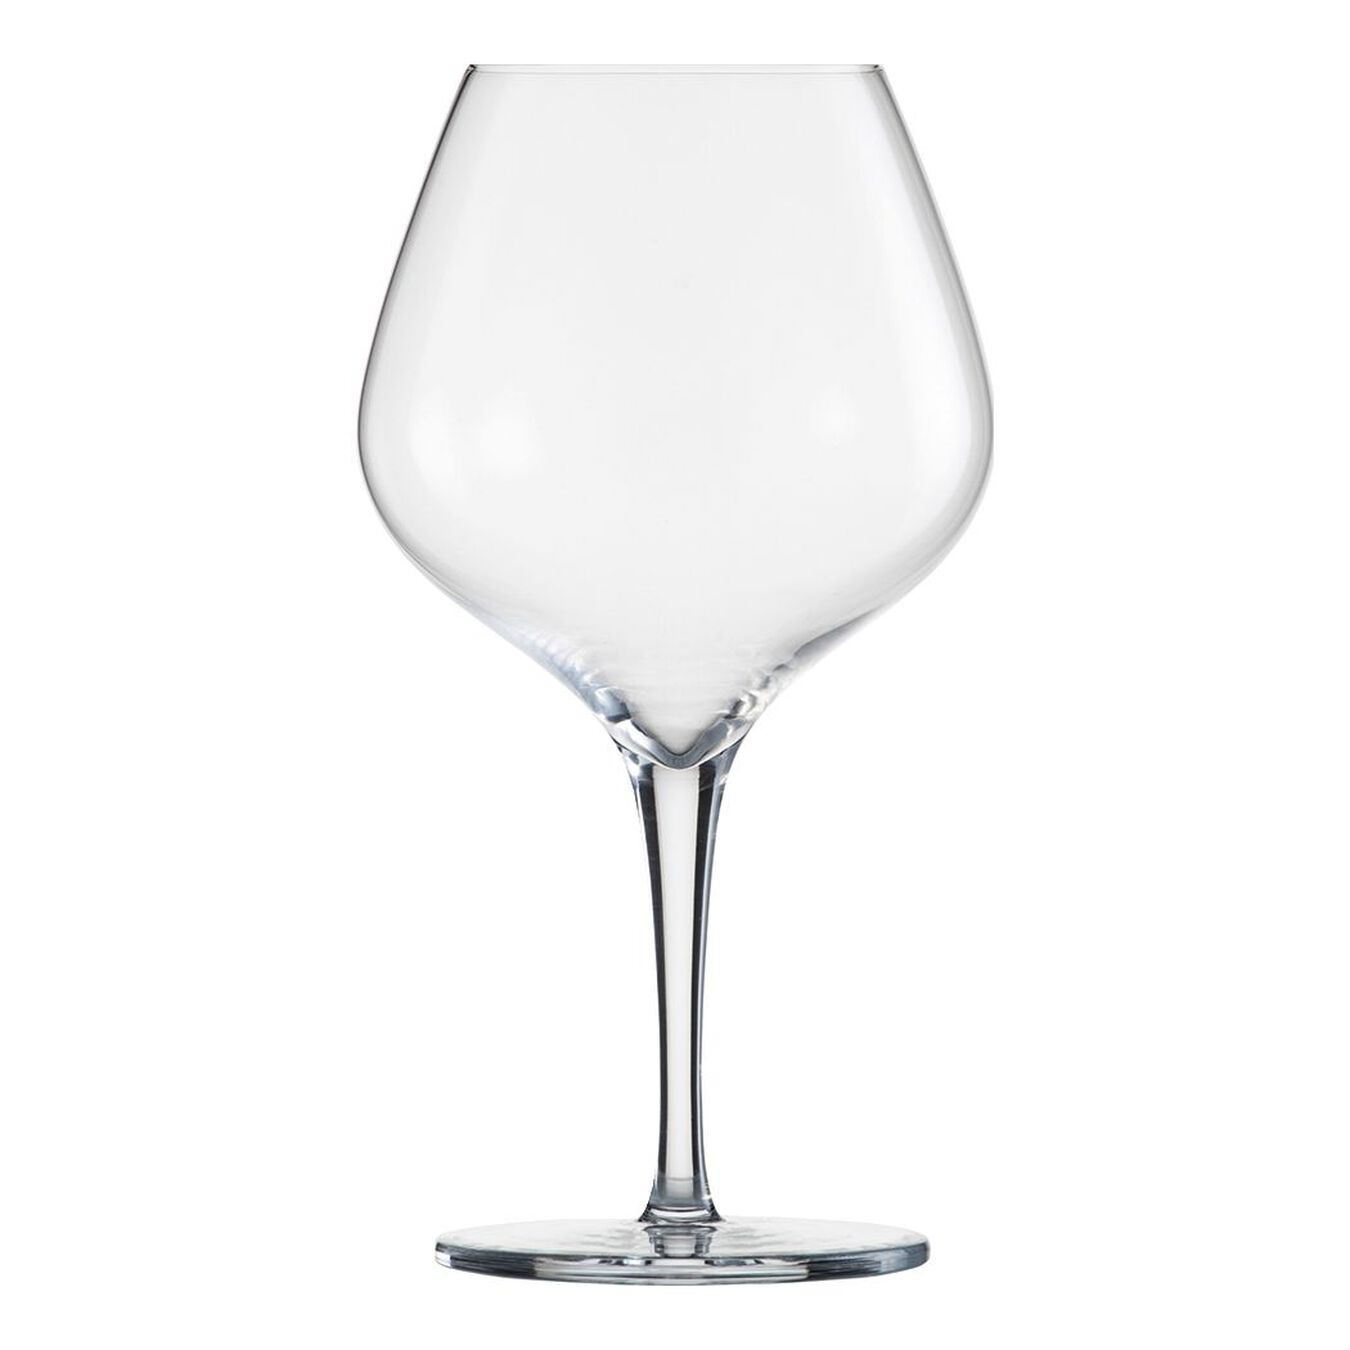 Kırmızı Şarap Kadehi,,large 1